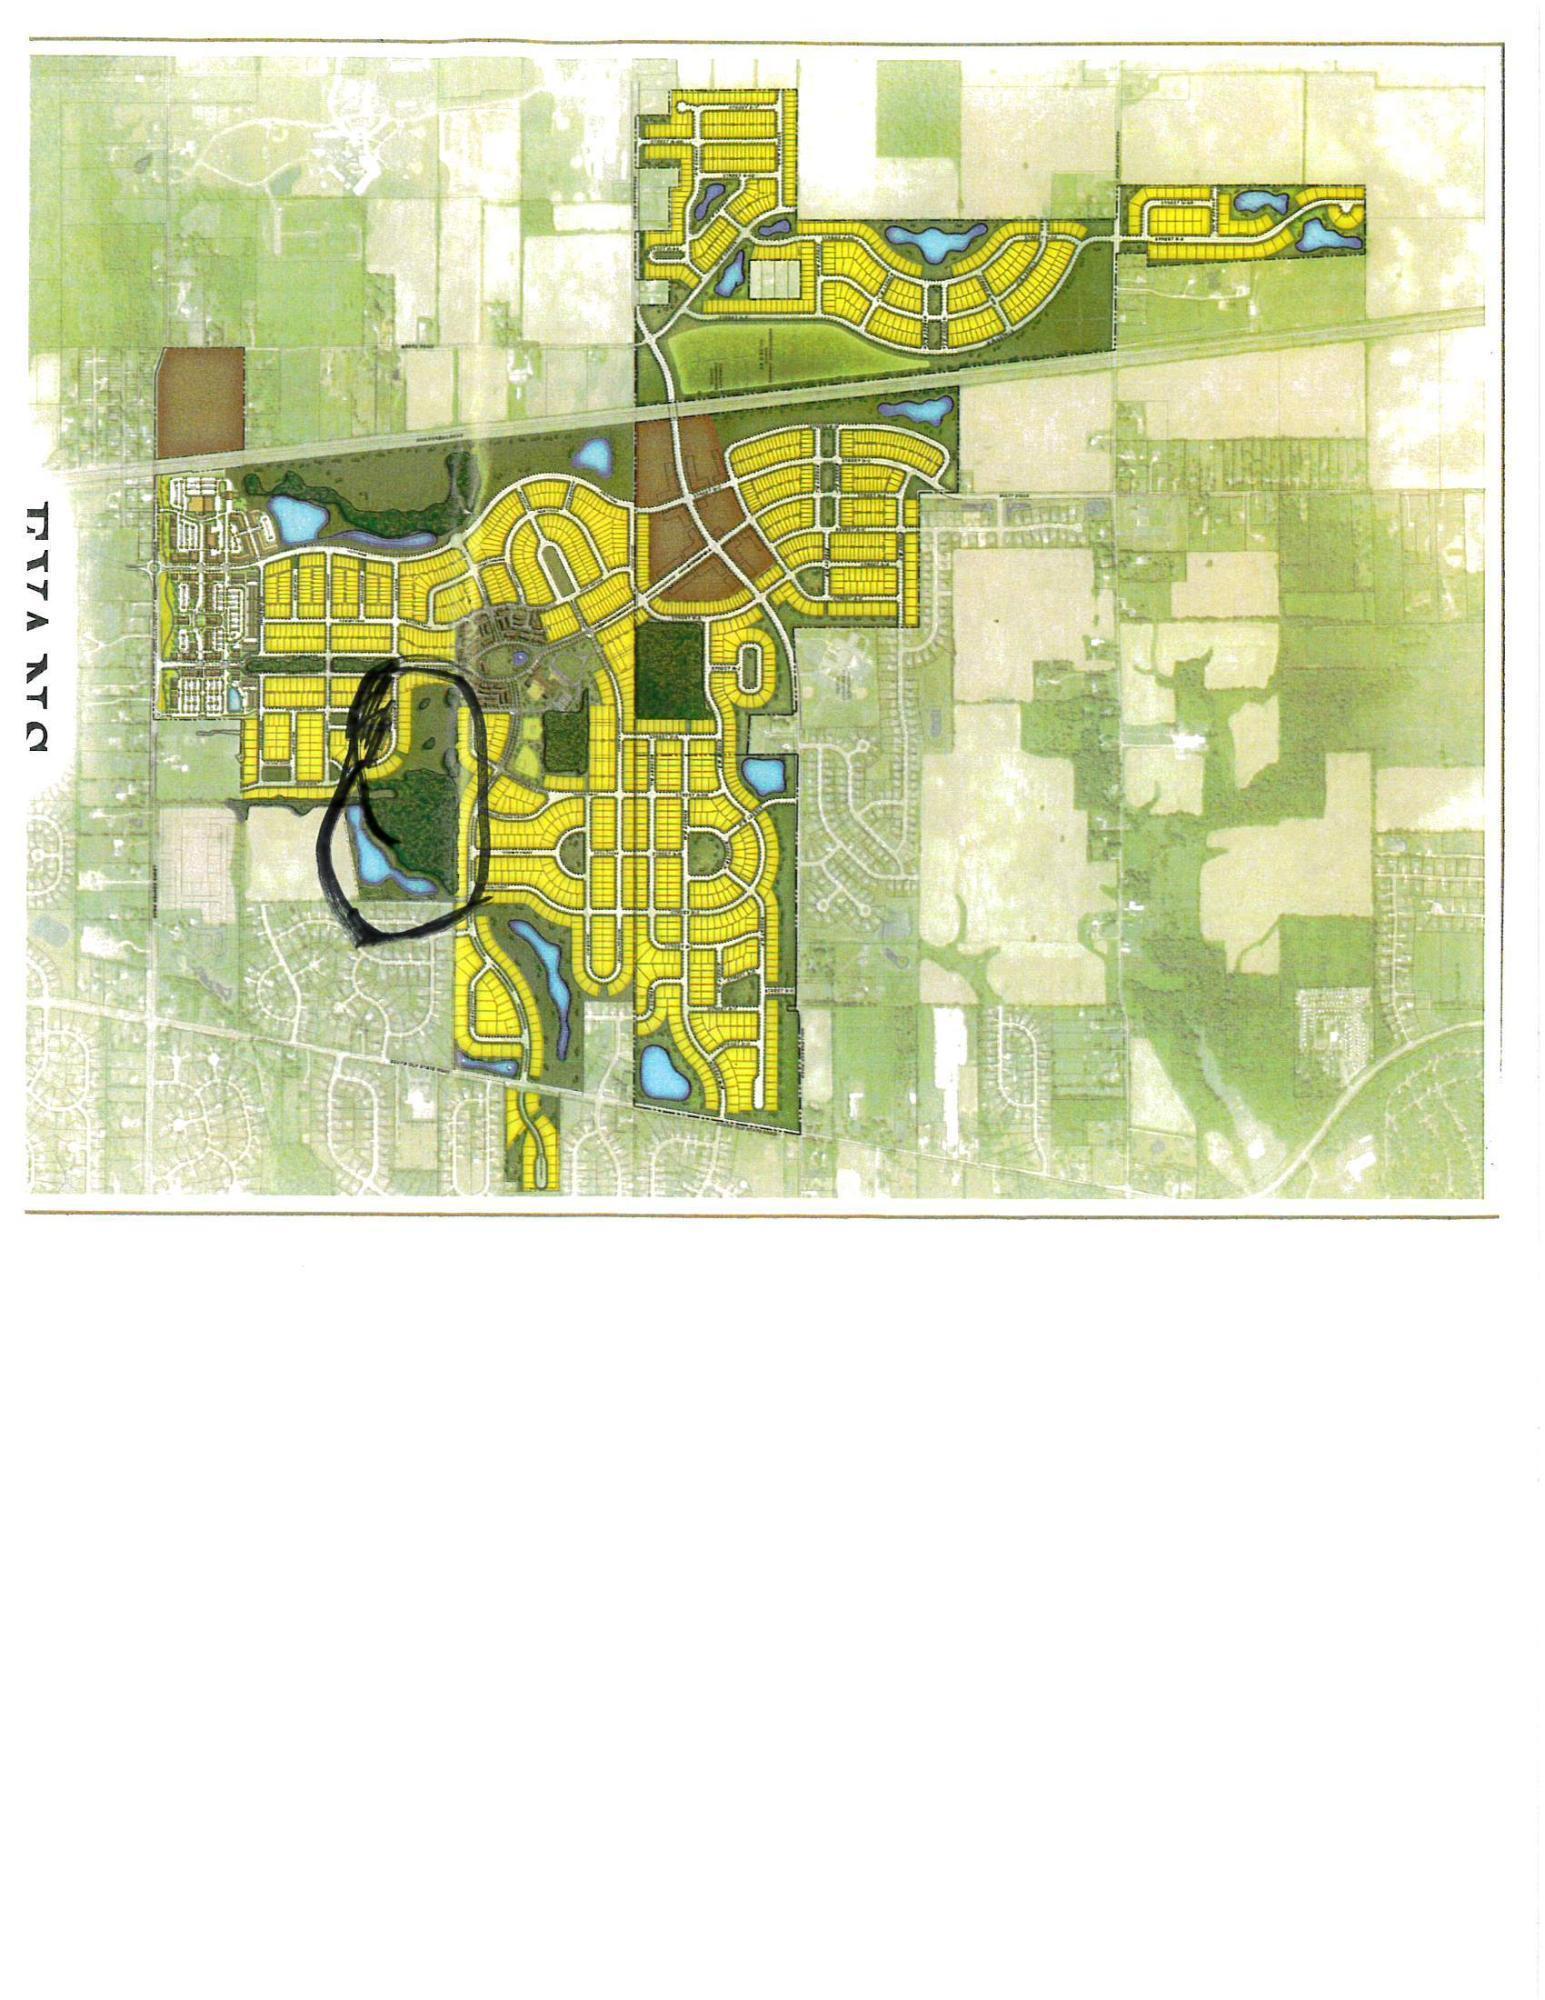 Lot 255 Maple Drive, Lewis Center, Ohio 43035, ,Land/farm,For Sale,Maple,219035044